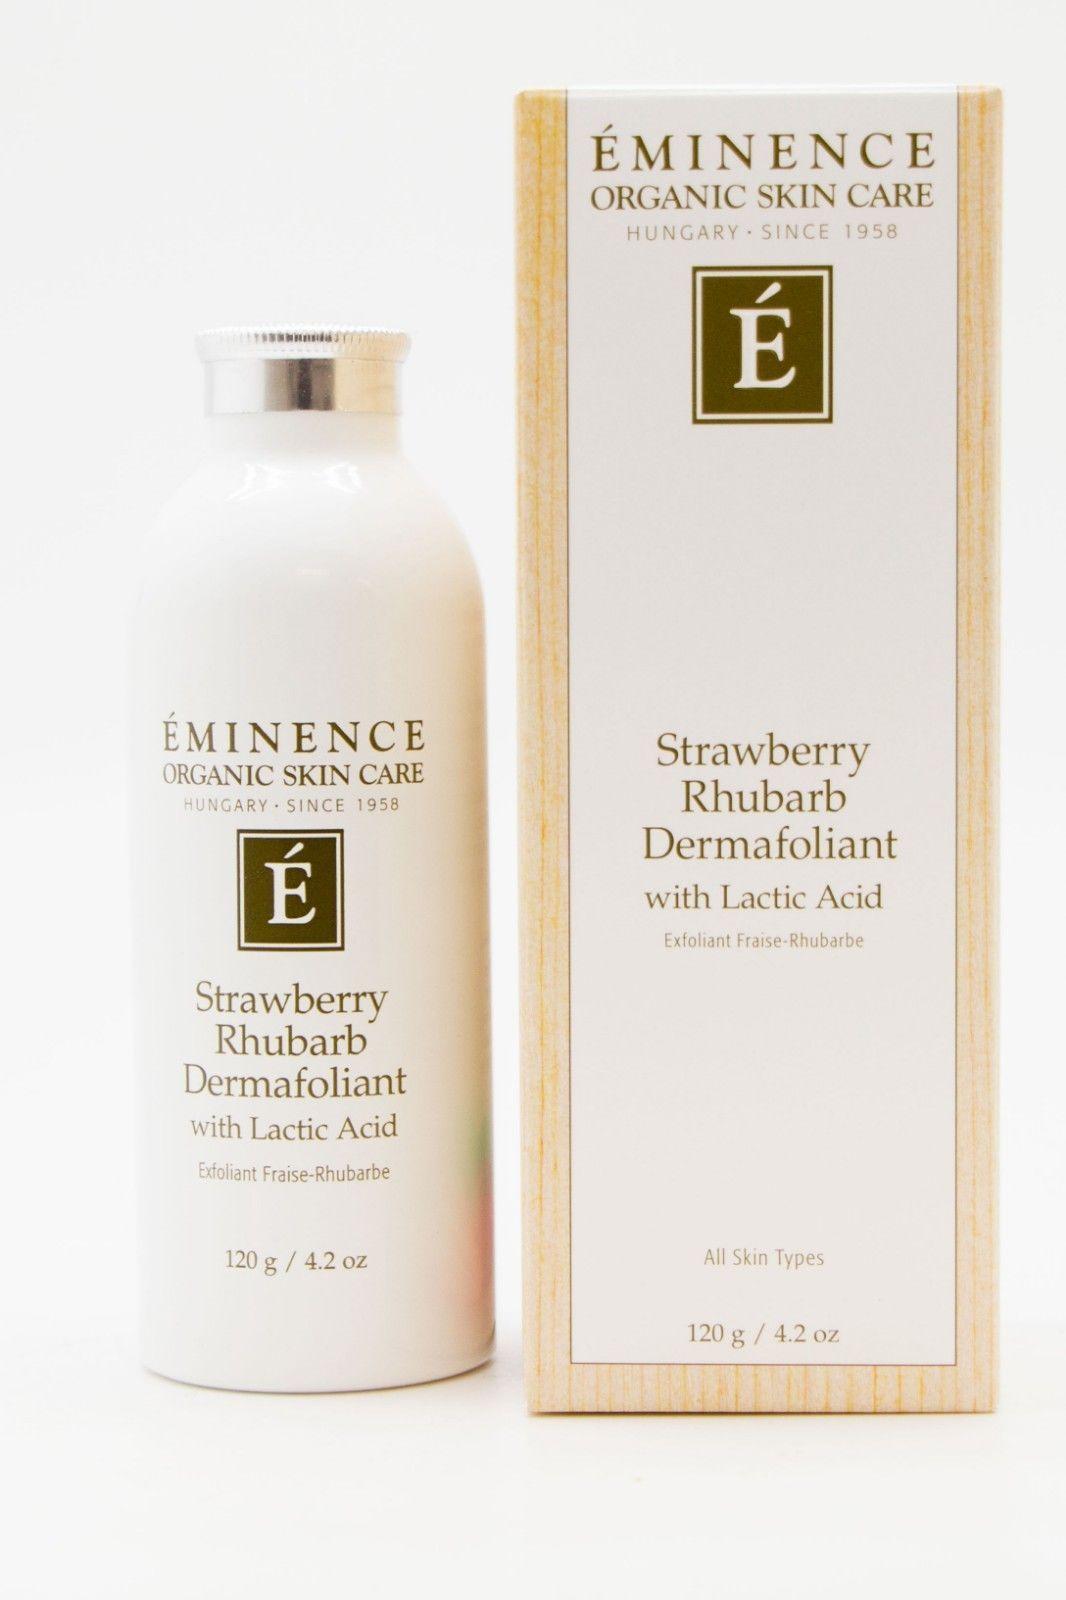 31 22 Eminence Strawberry Rhubarb Dermafoliant 4 2oz New Eminence Strawberry Rhubarb Dermafoliant 4 2oz Strawberry Rhubarb Rhubarb Organic Care